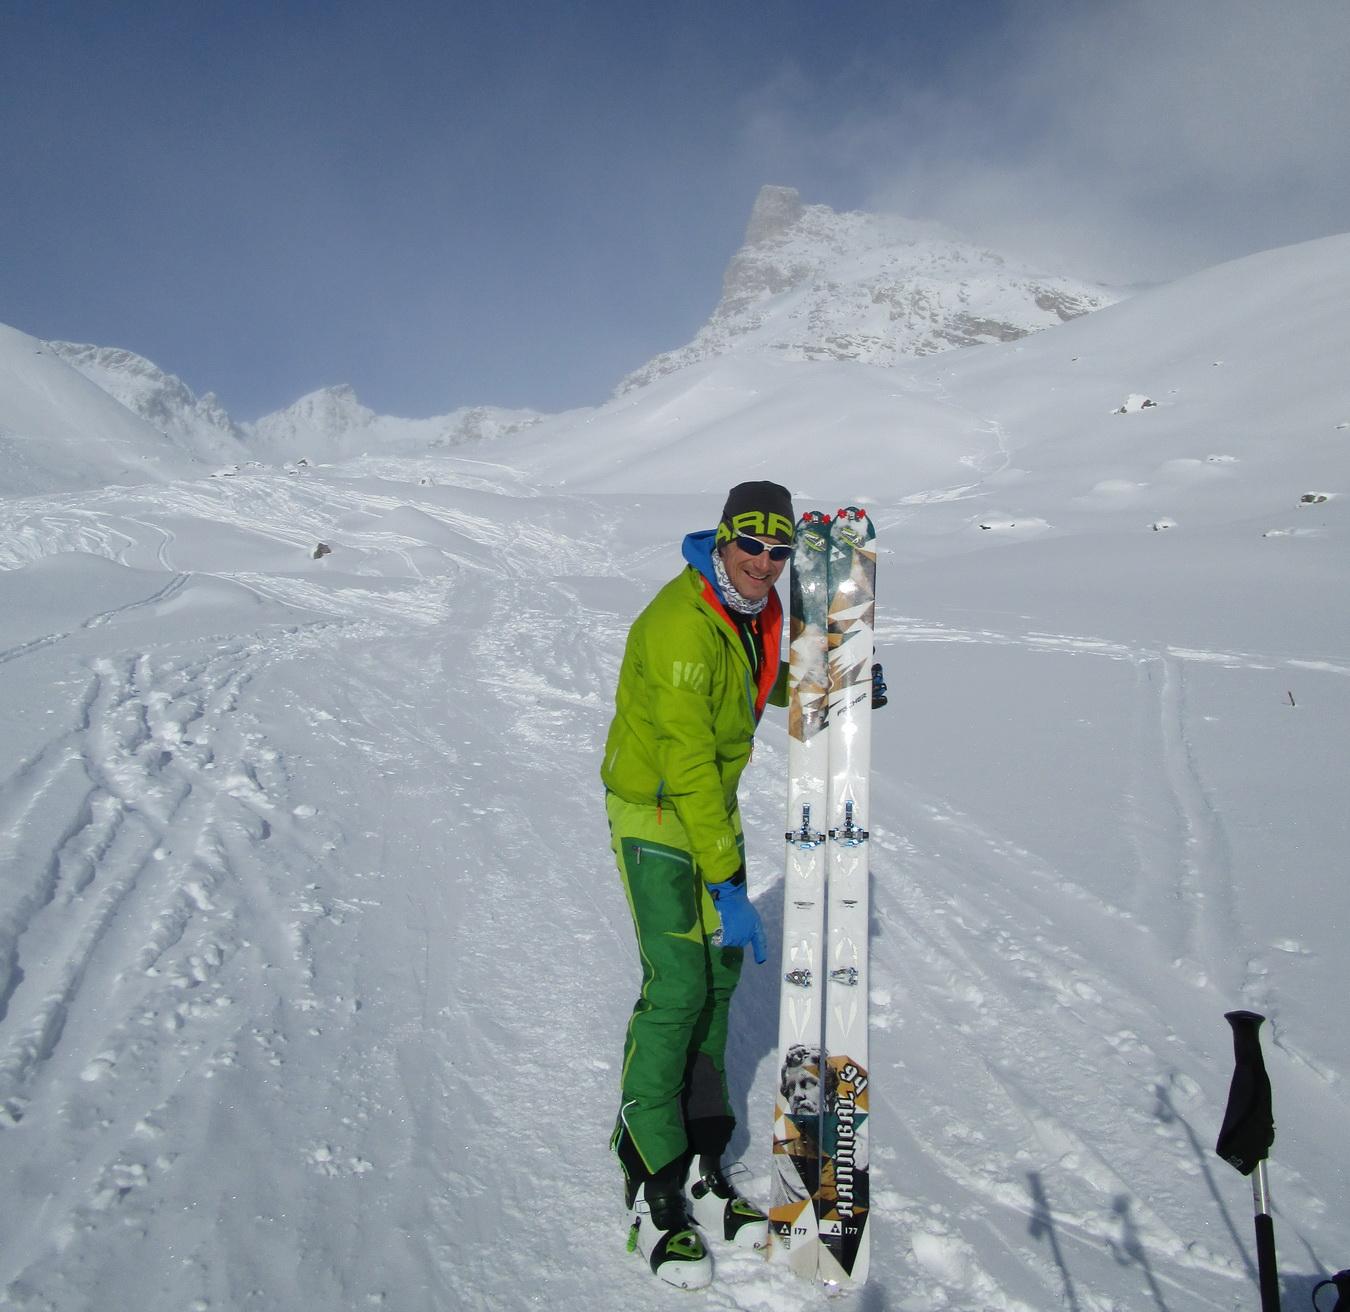 Kreuzspitze_sa_osvedčilo_rovnako_na_širokých_lyžiach_ako_na_úzkych,_Fischer_Hannibal_94mm_